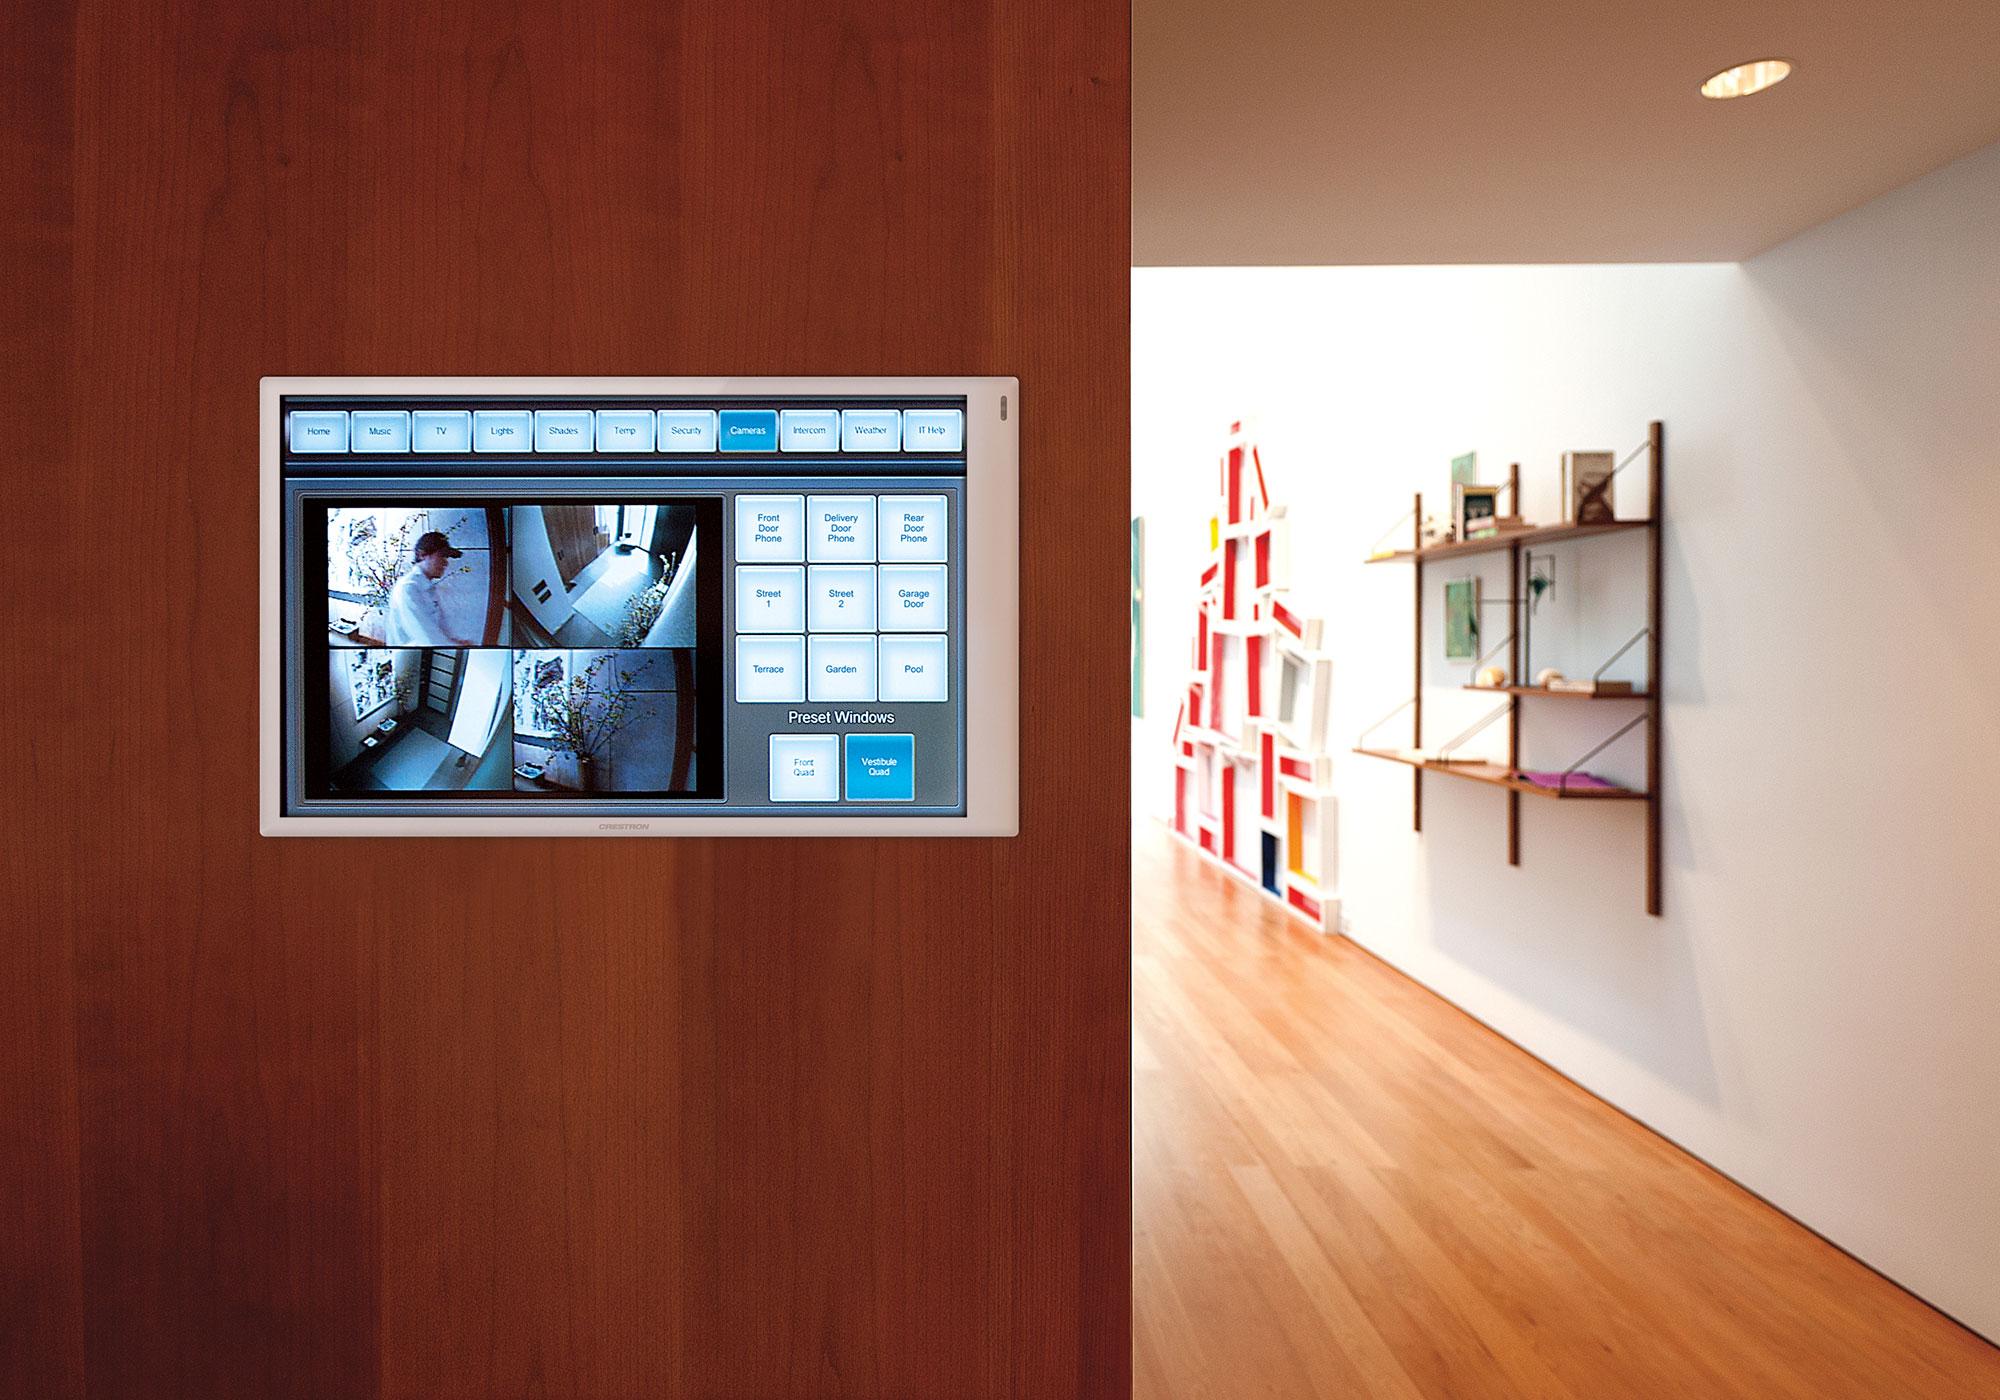 media room, touchscreen, wall-mount touchscreen, cameras screen